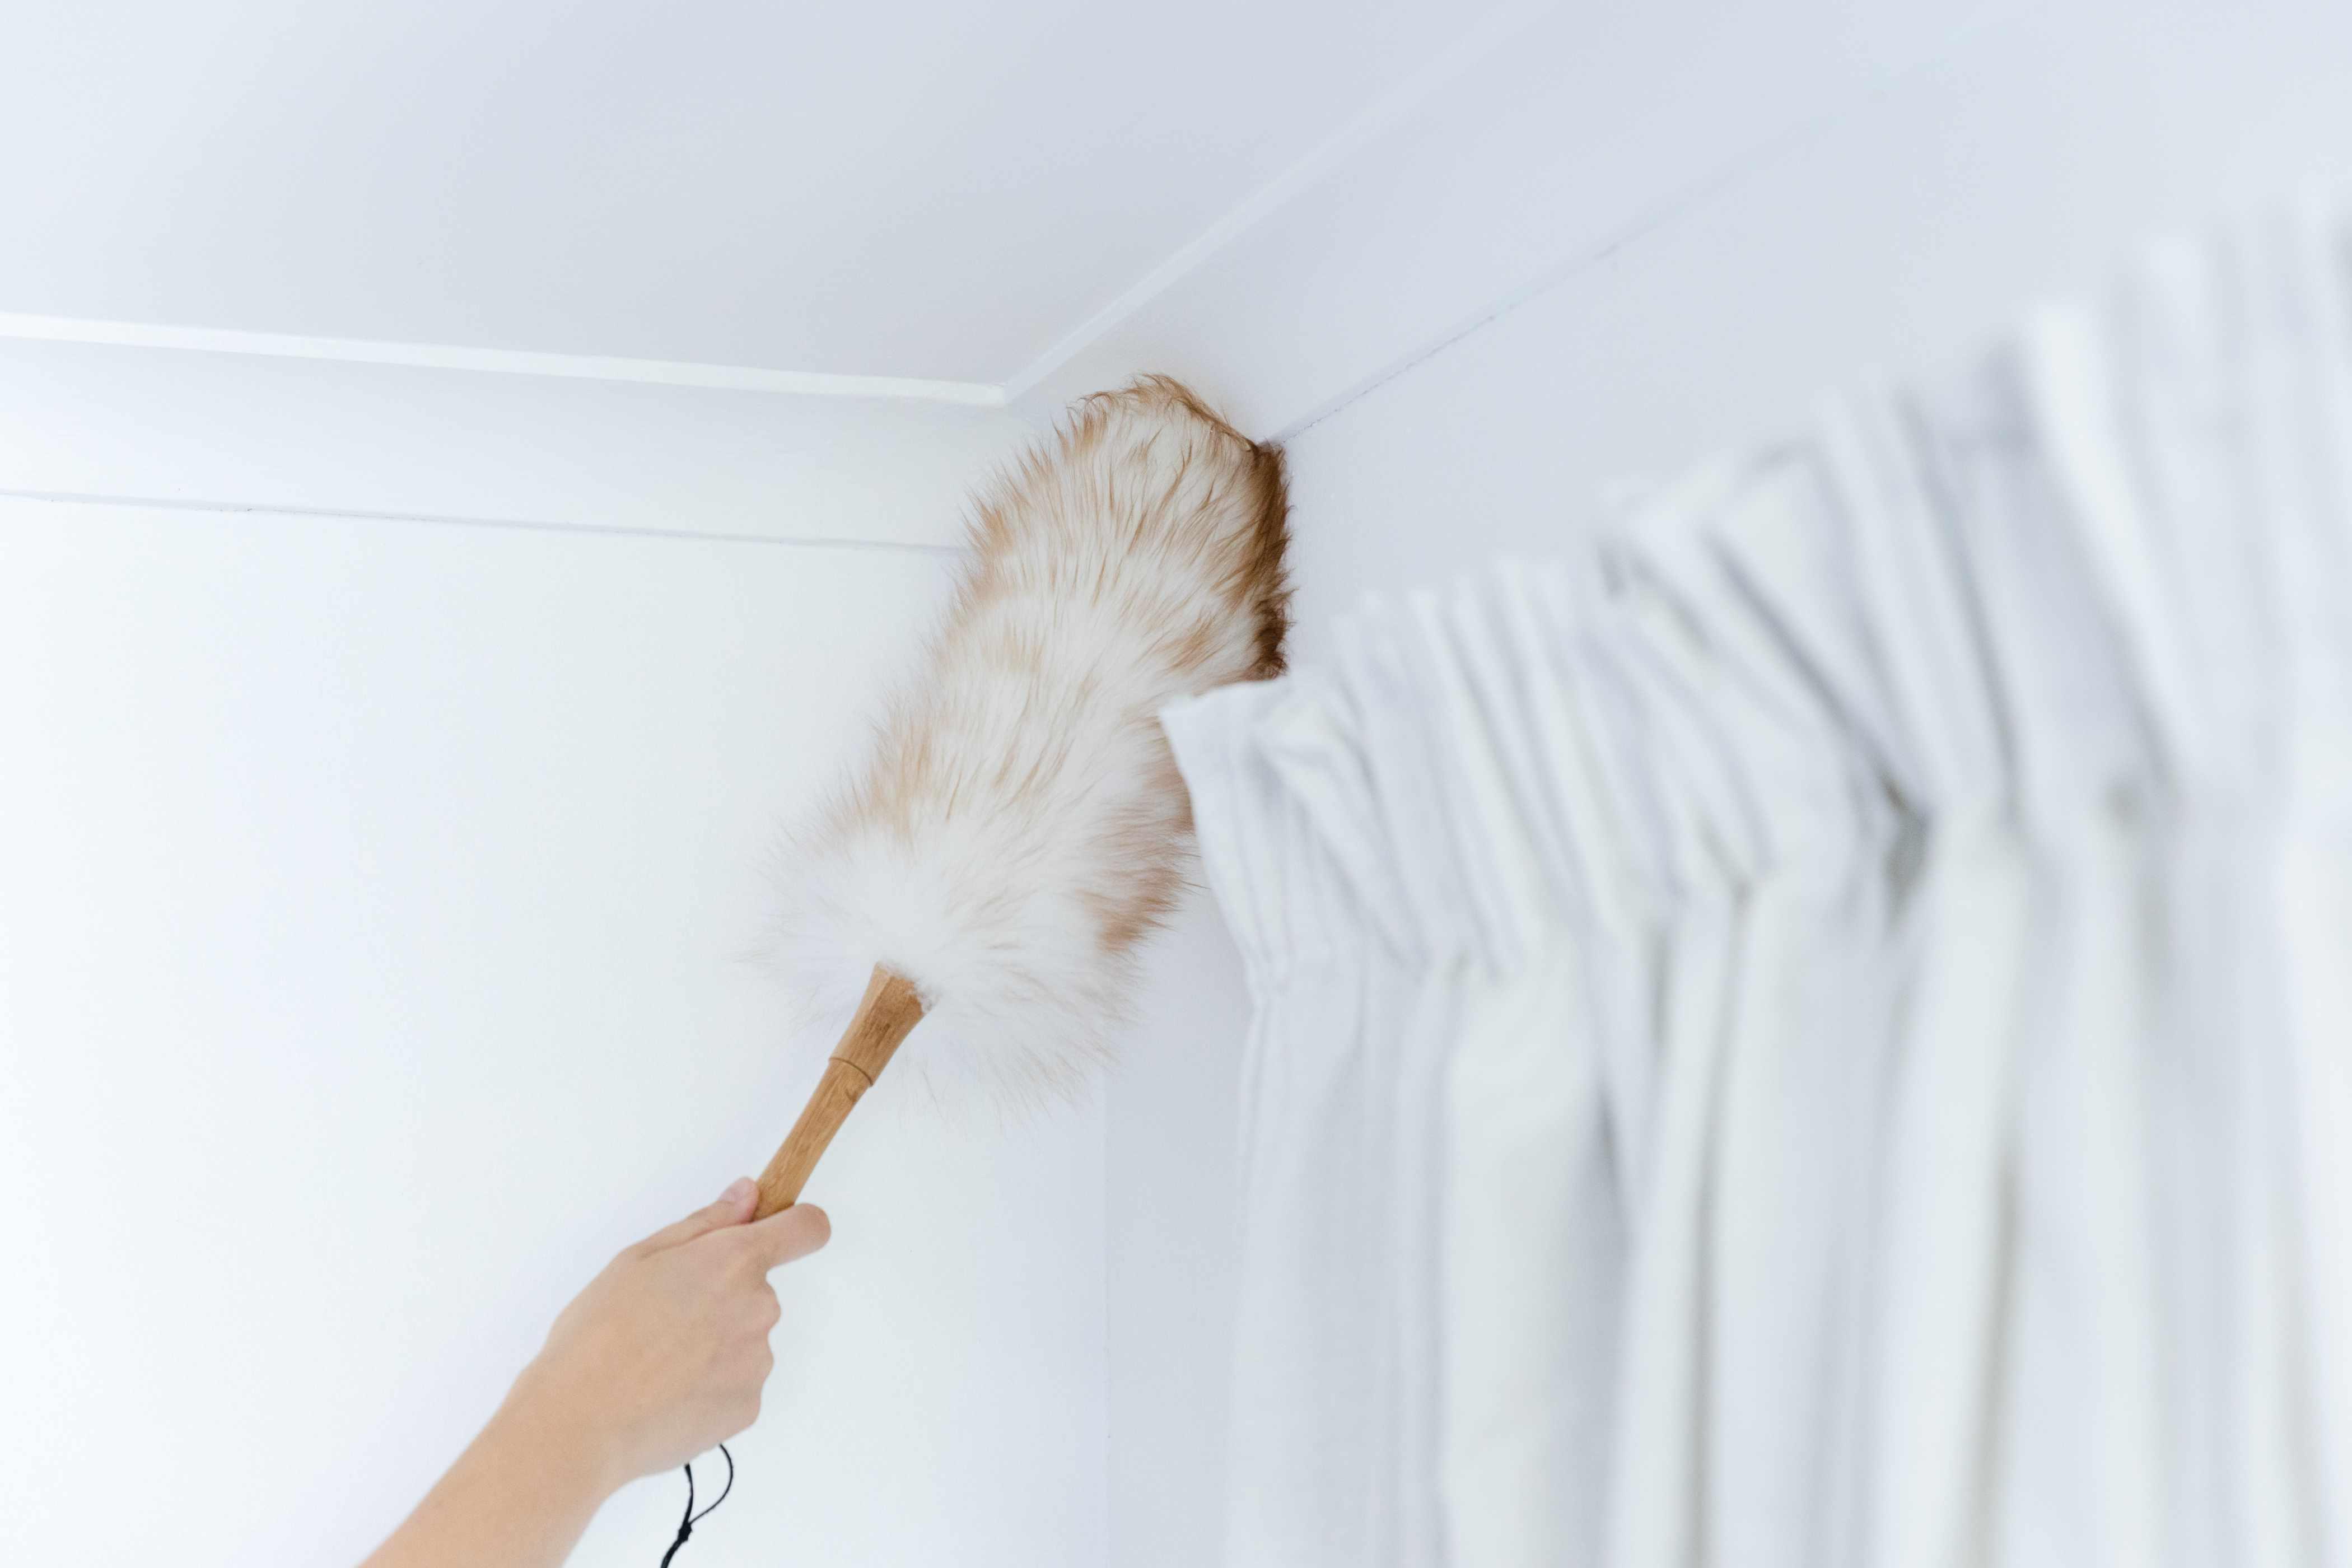 dusting ceiling corners